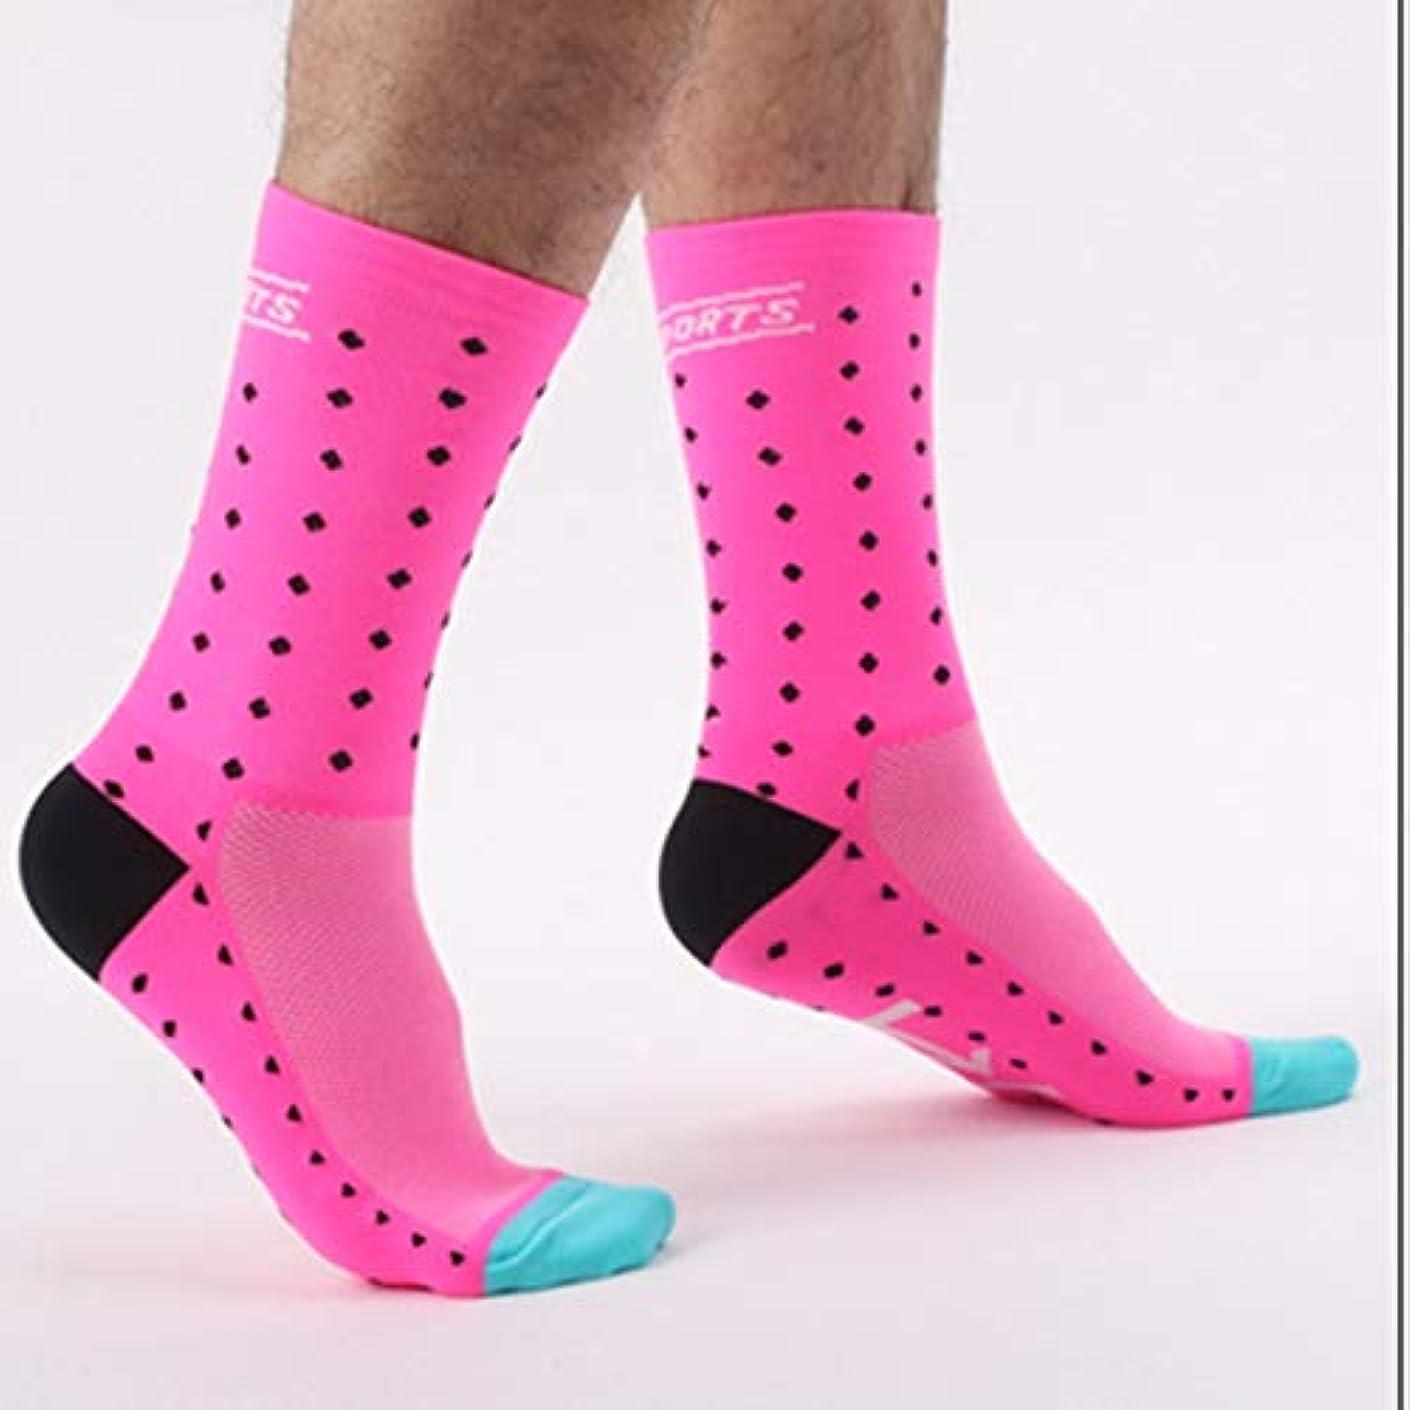 視力経済的薄めるDH04快適なファッショナブルな屋外サイクリングソックス男性女性プロの通気性スポーツソックスバスケットボールソックス - ピンク